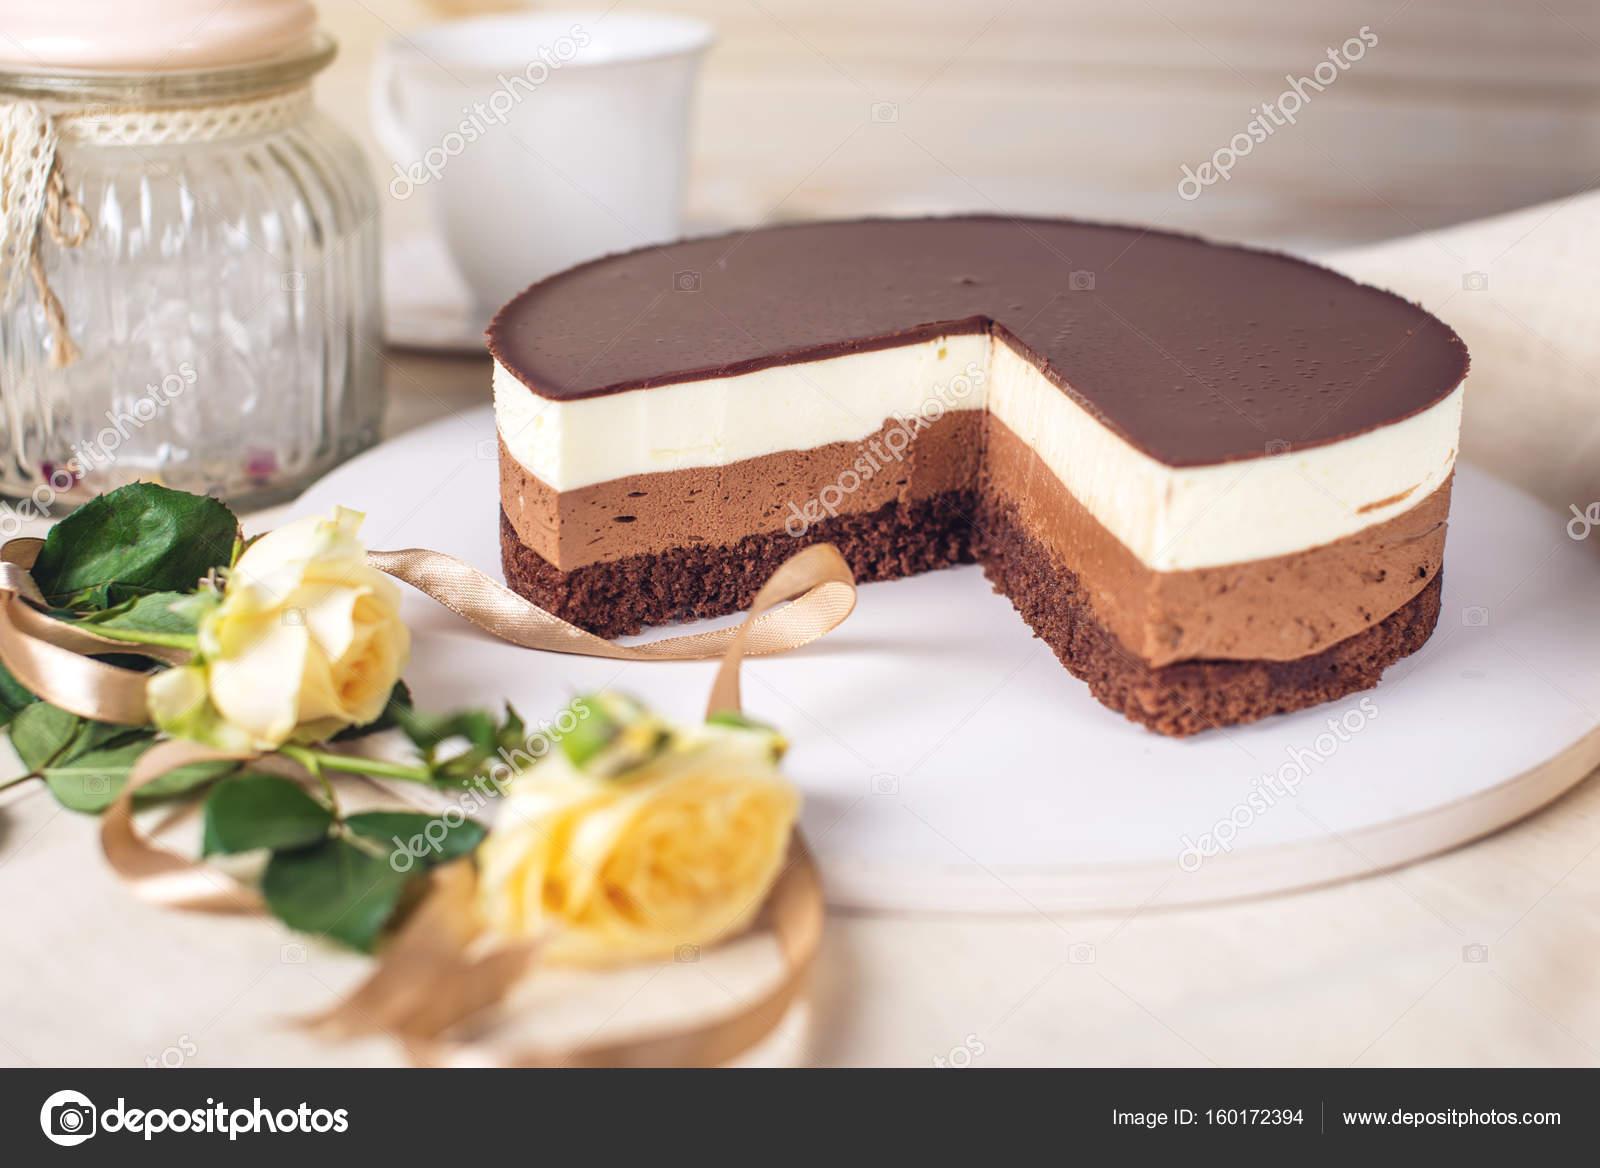 Gâteau Au Chocolat Faite De Trois Couches Différentes De Mousse Au